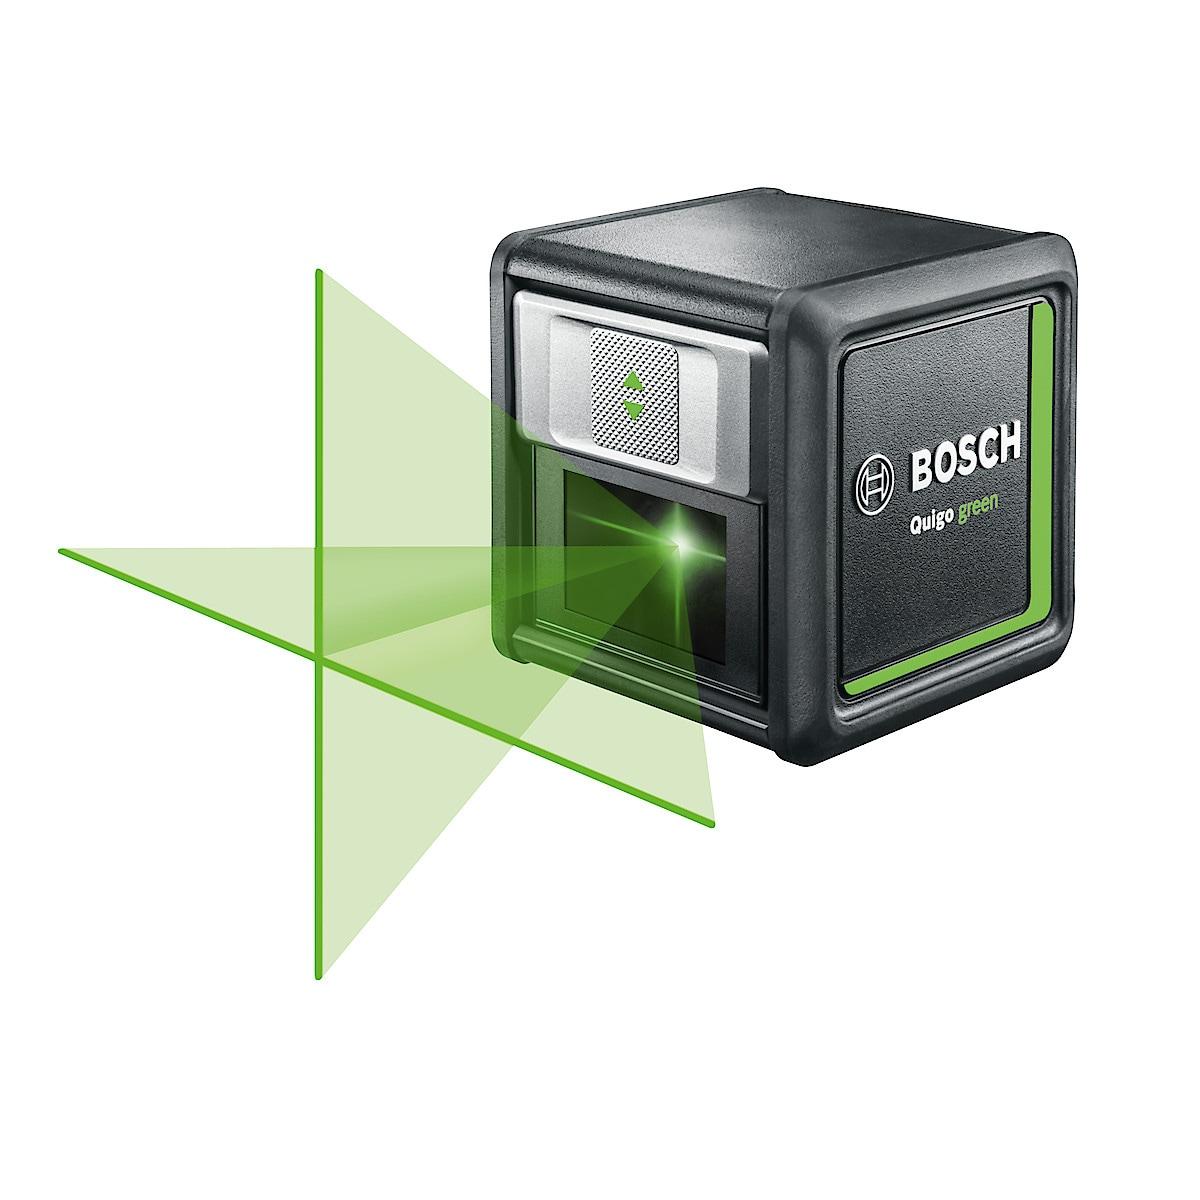 Krysslaser Bosch Quigo Green